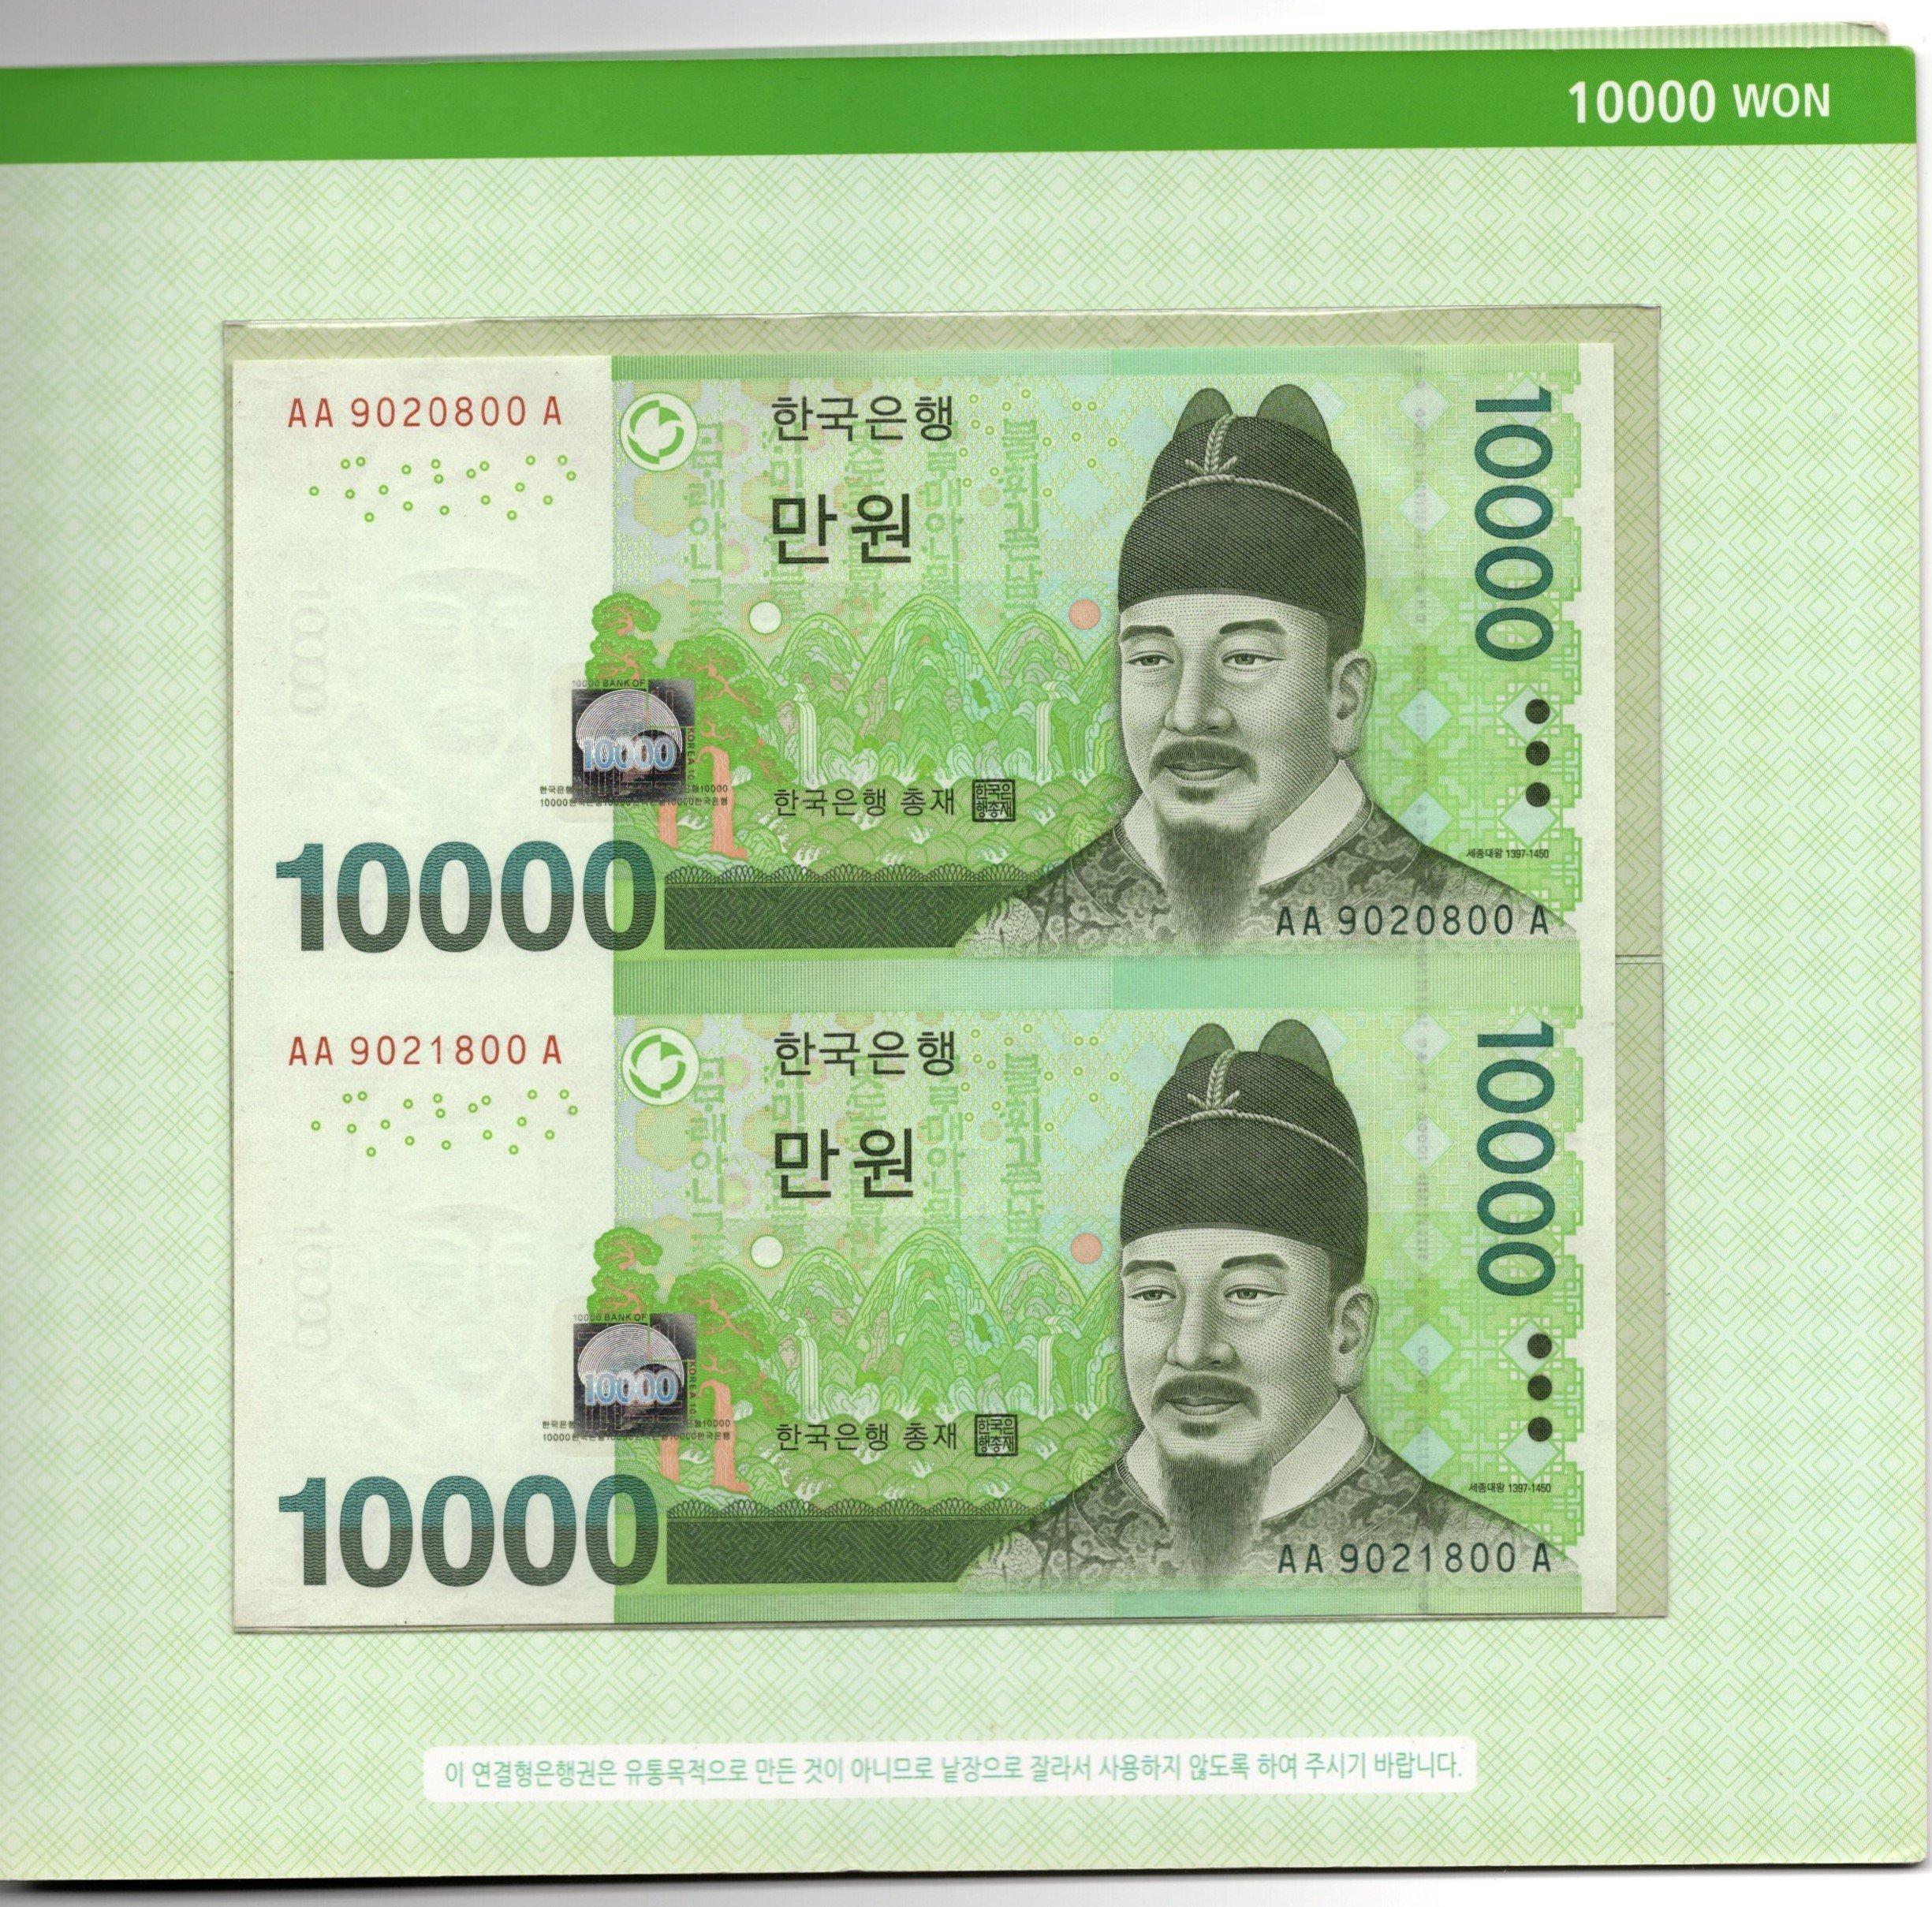 korea 10000 won